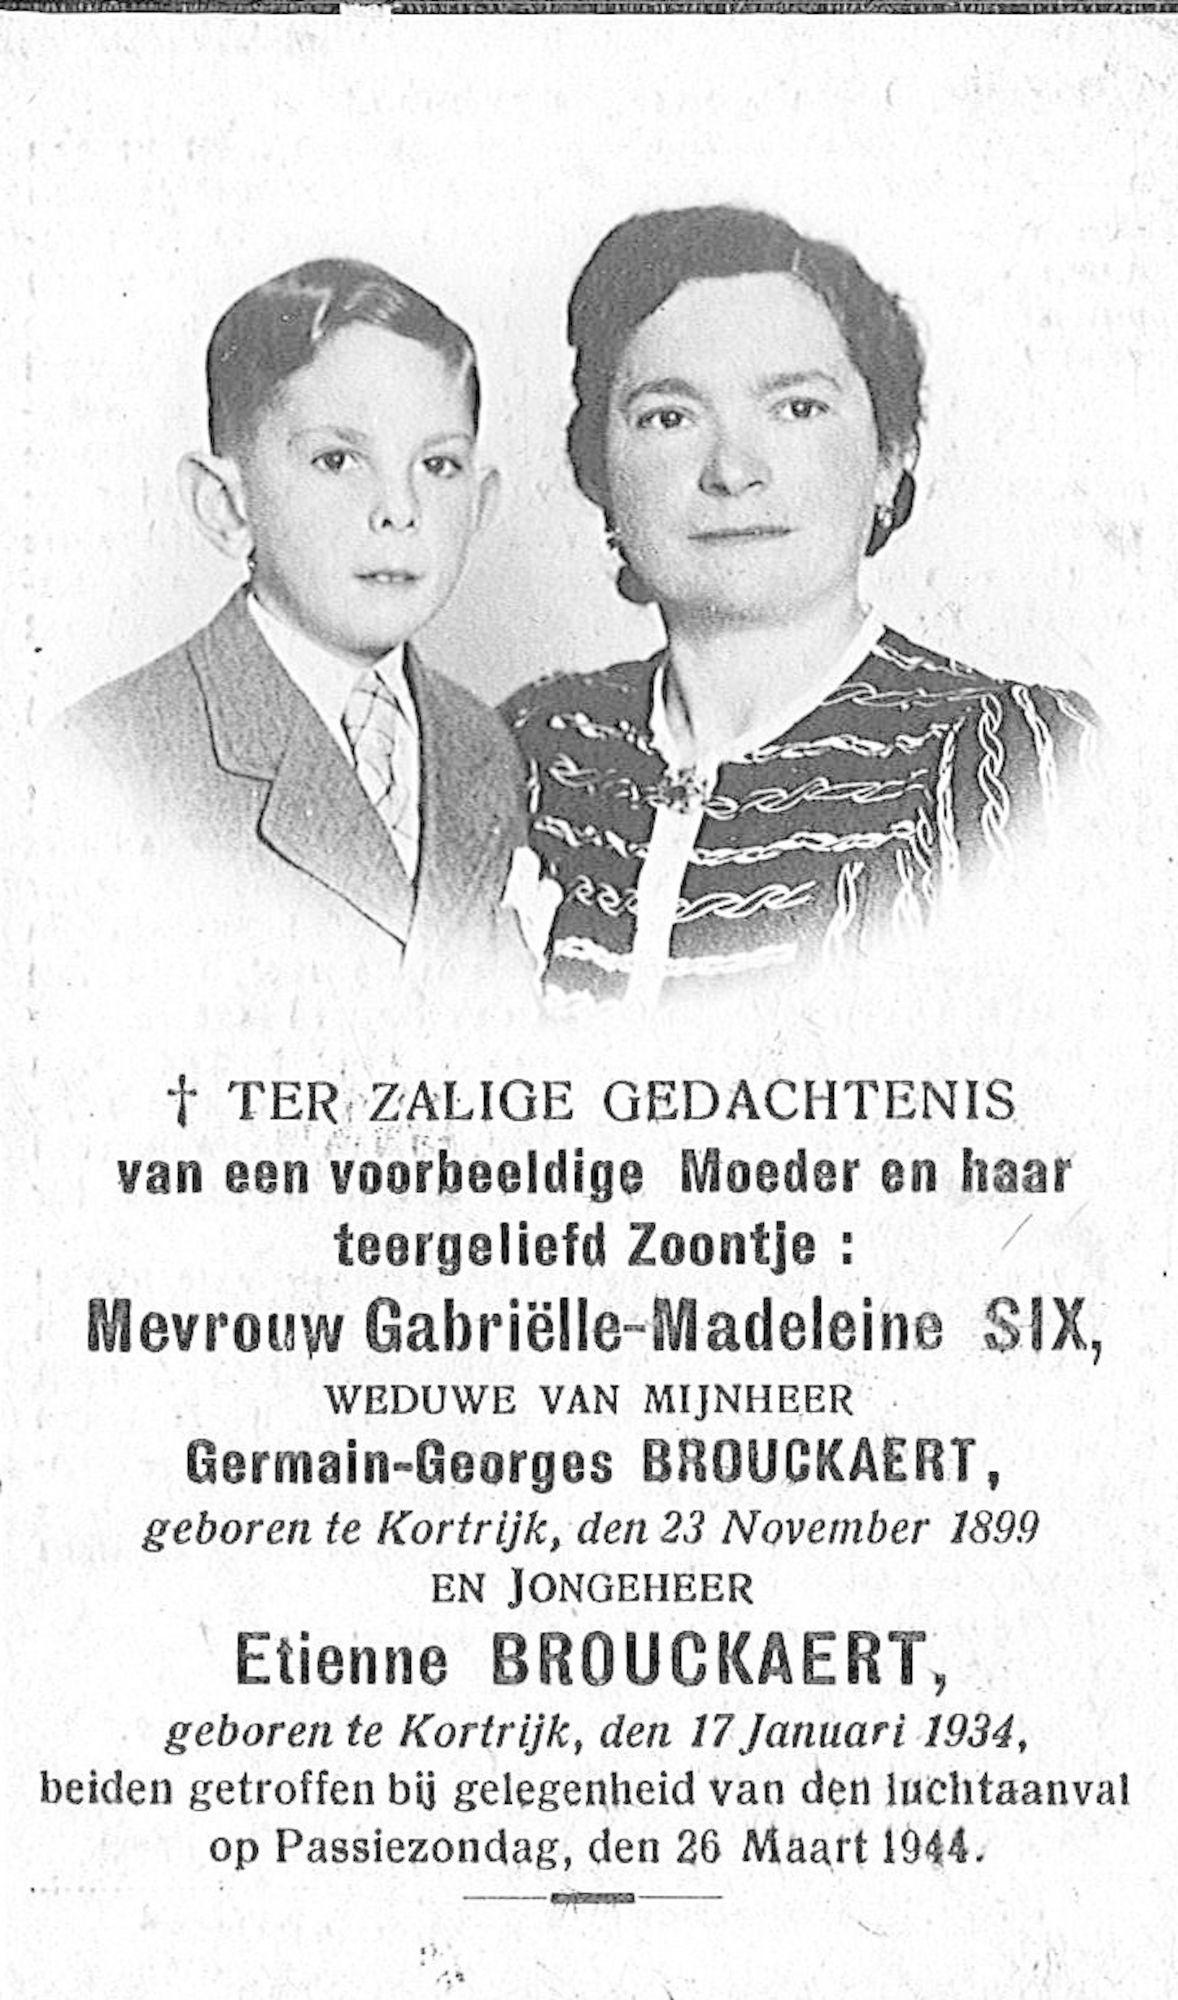 Gabriëlle-Madeleine Six